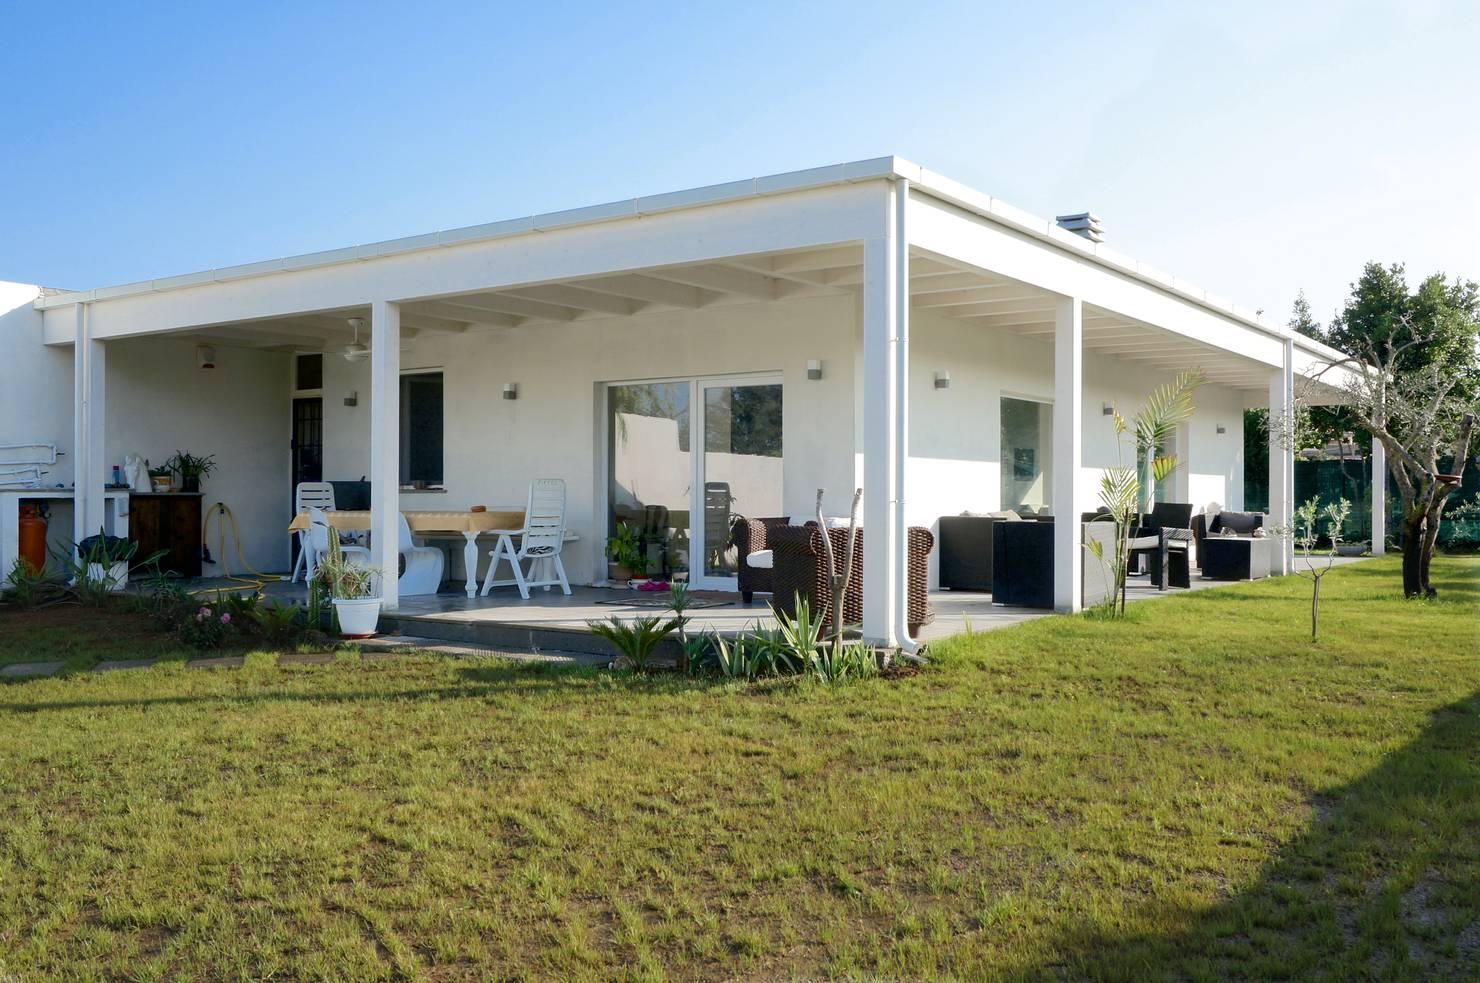 18 простых домов, которые сделают ваши мечты реальностью!